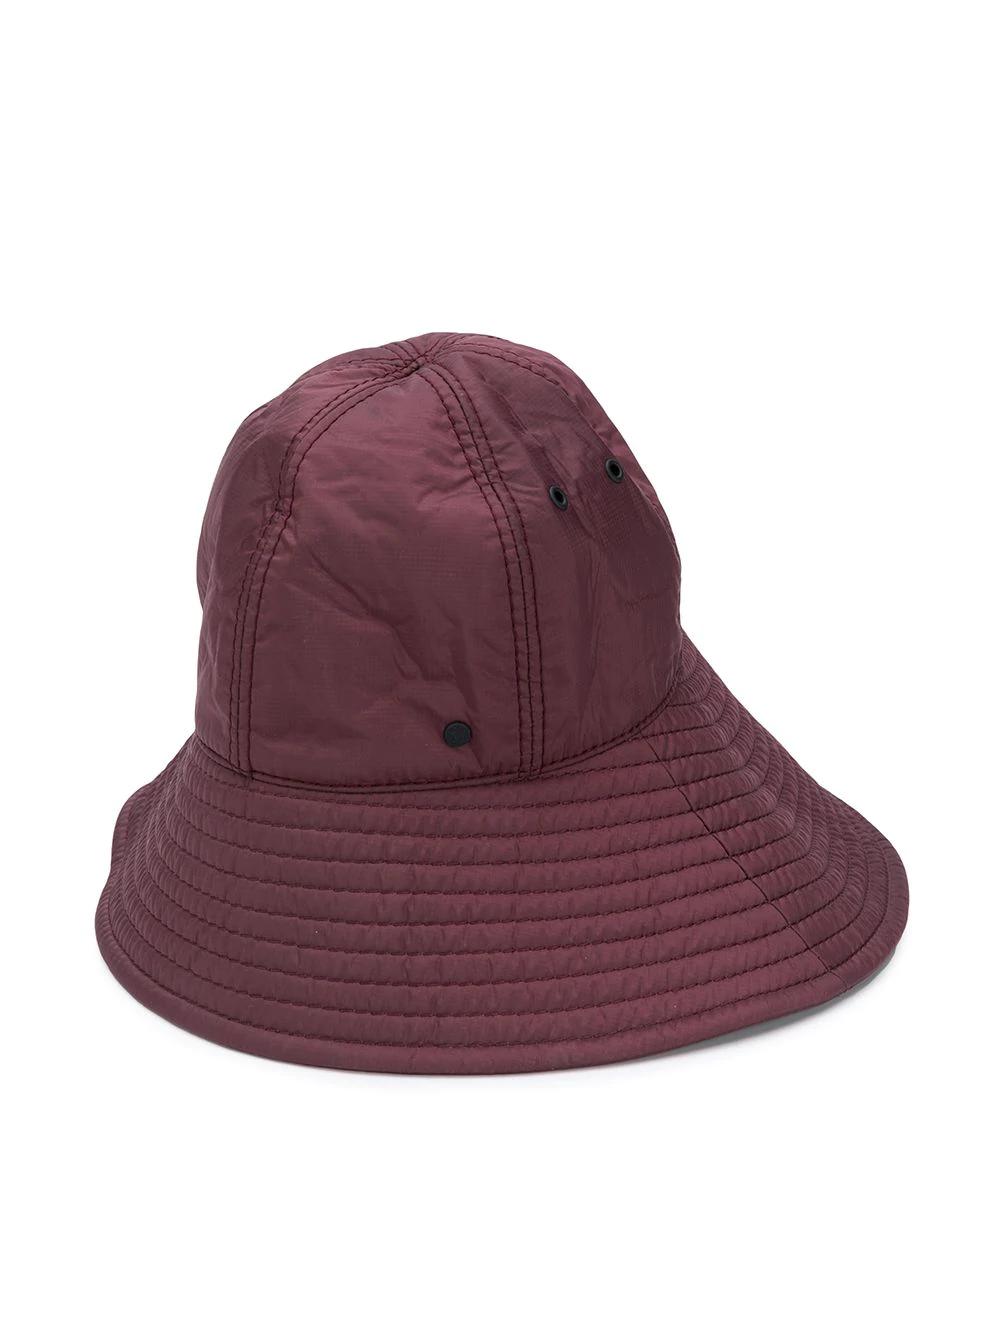 Maison Michel Julianne Quilted Bucket Hat Farfetch Maison Michel Bucket Hat Hats